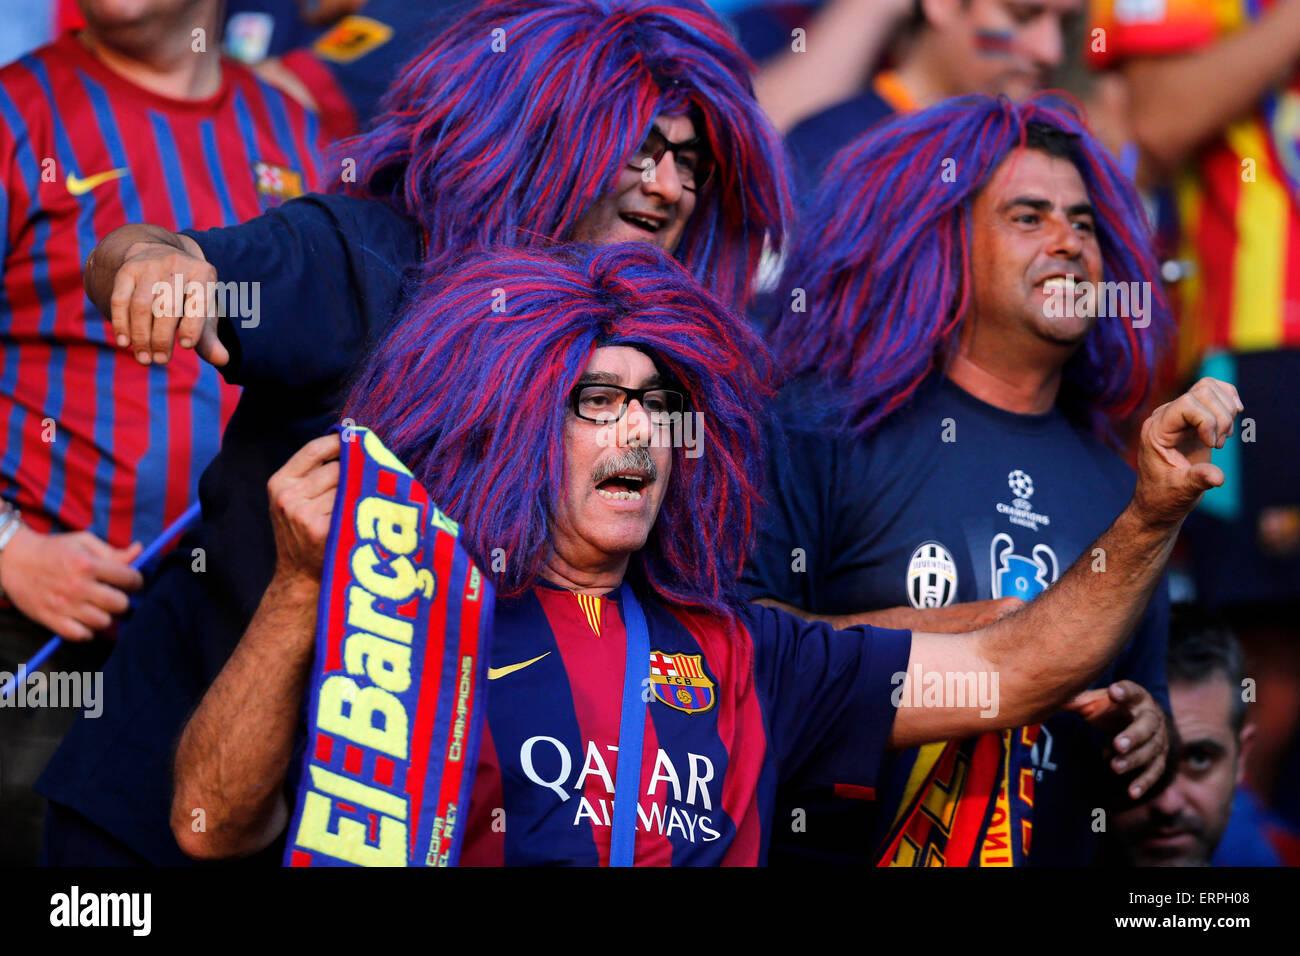 Berlín (Alemania). 06 de junio de 2015. Fútbol / Fútbol: La Liga de Campeones de la Uefa - Final Imagen De Stock